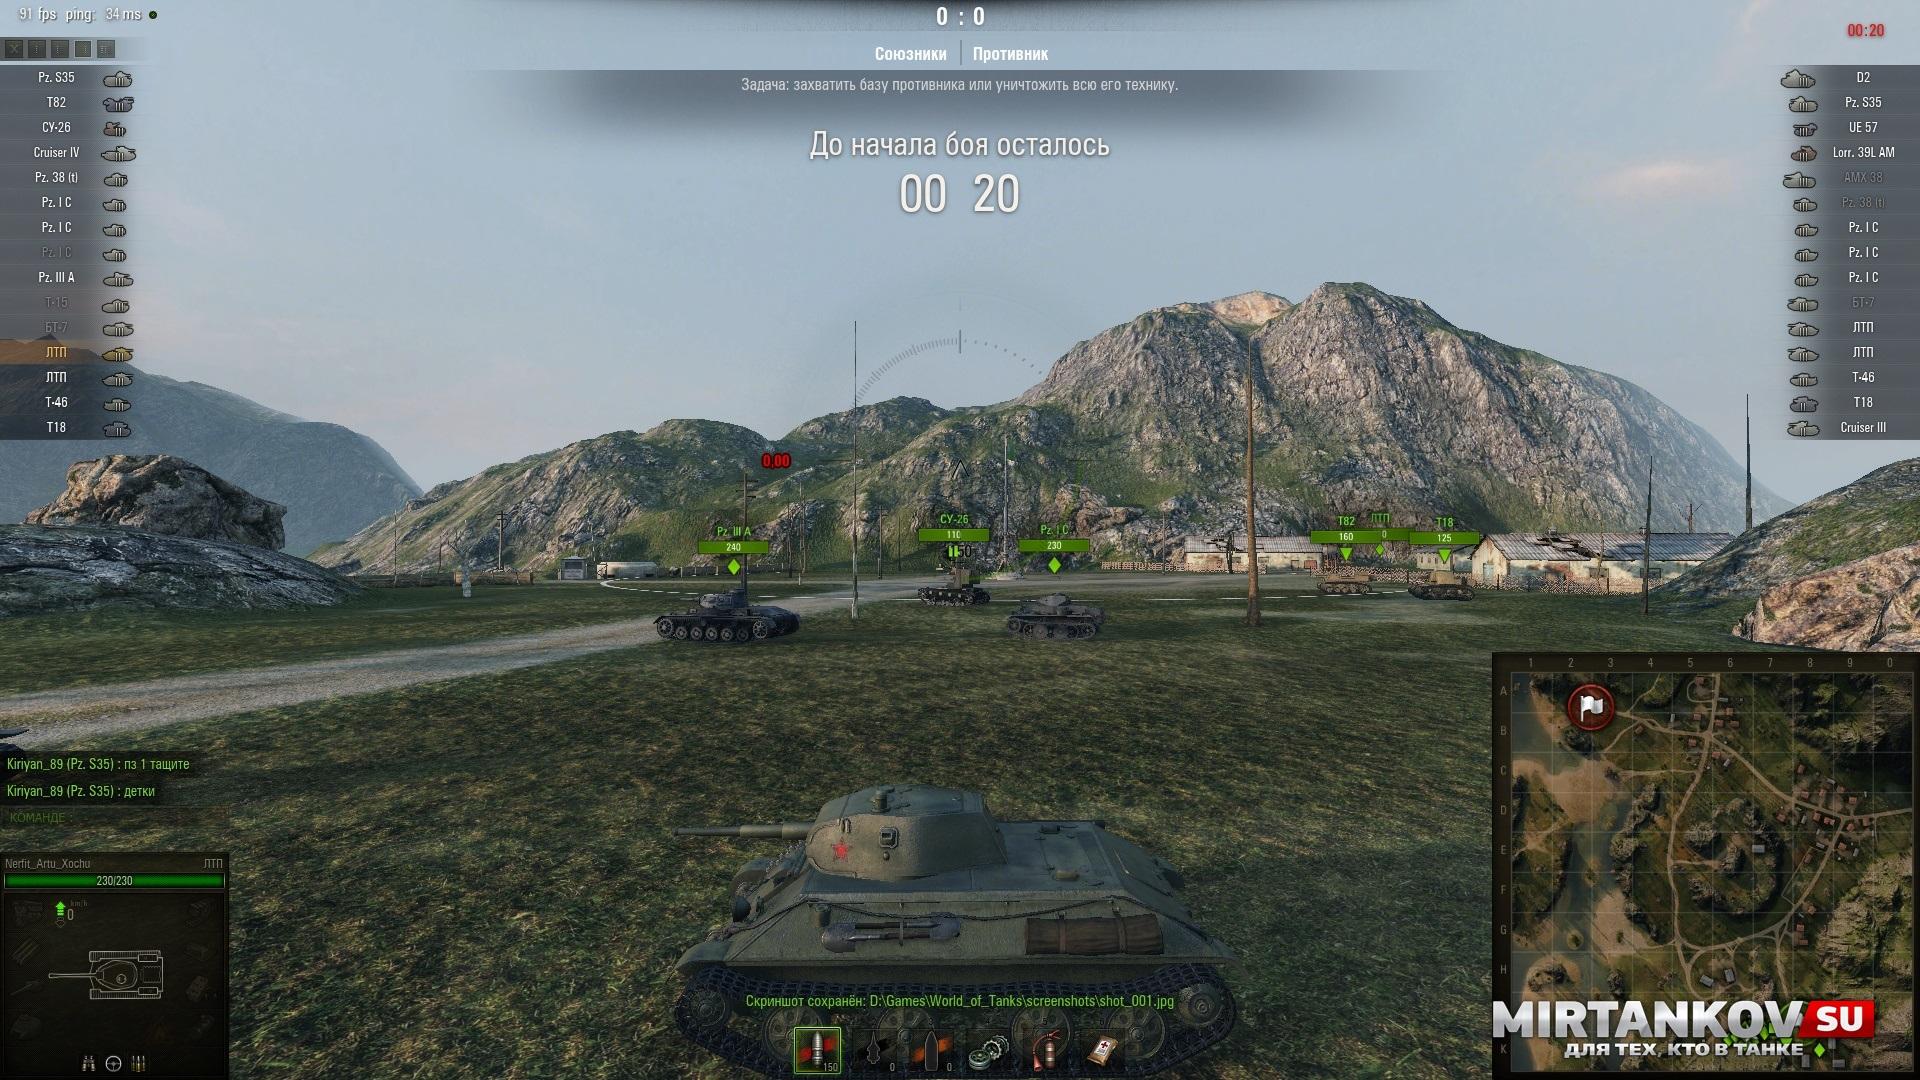 Скачать мод от деревьев world of tanks